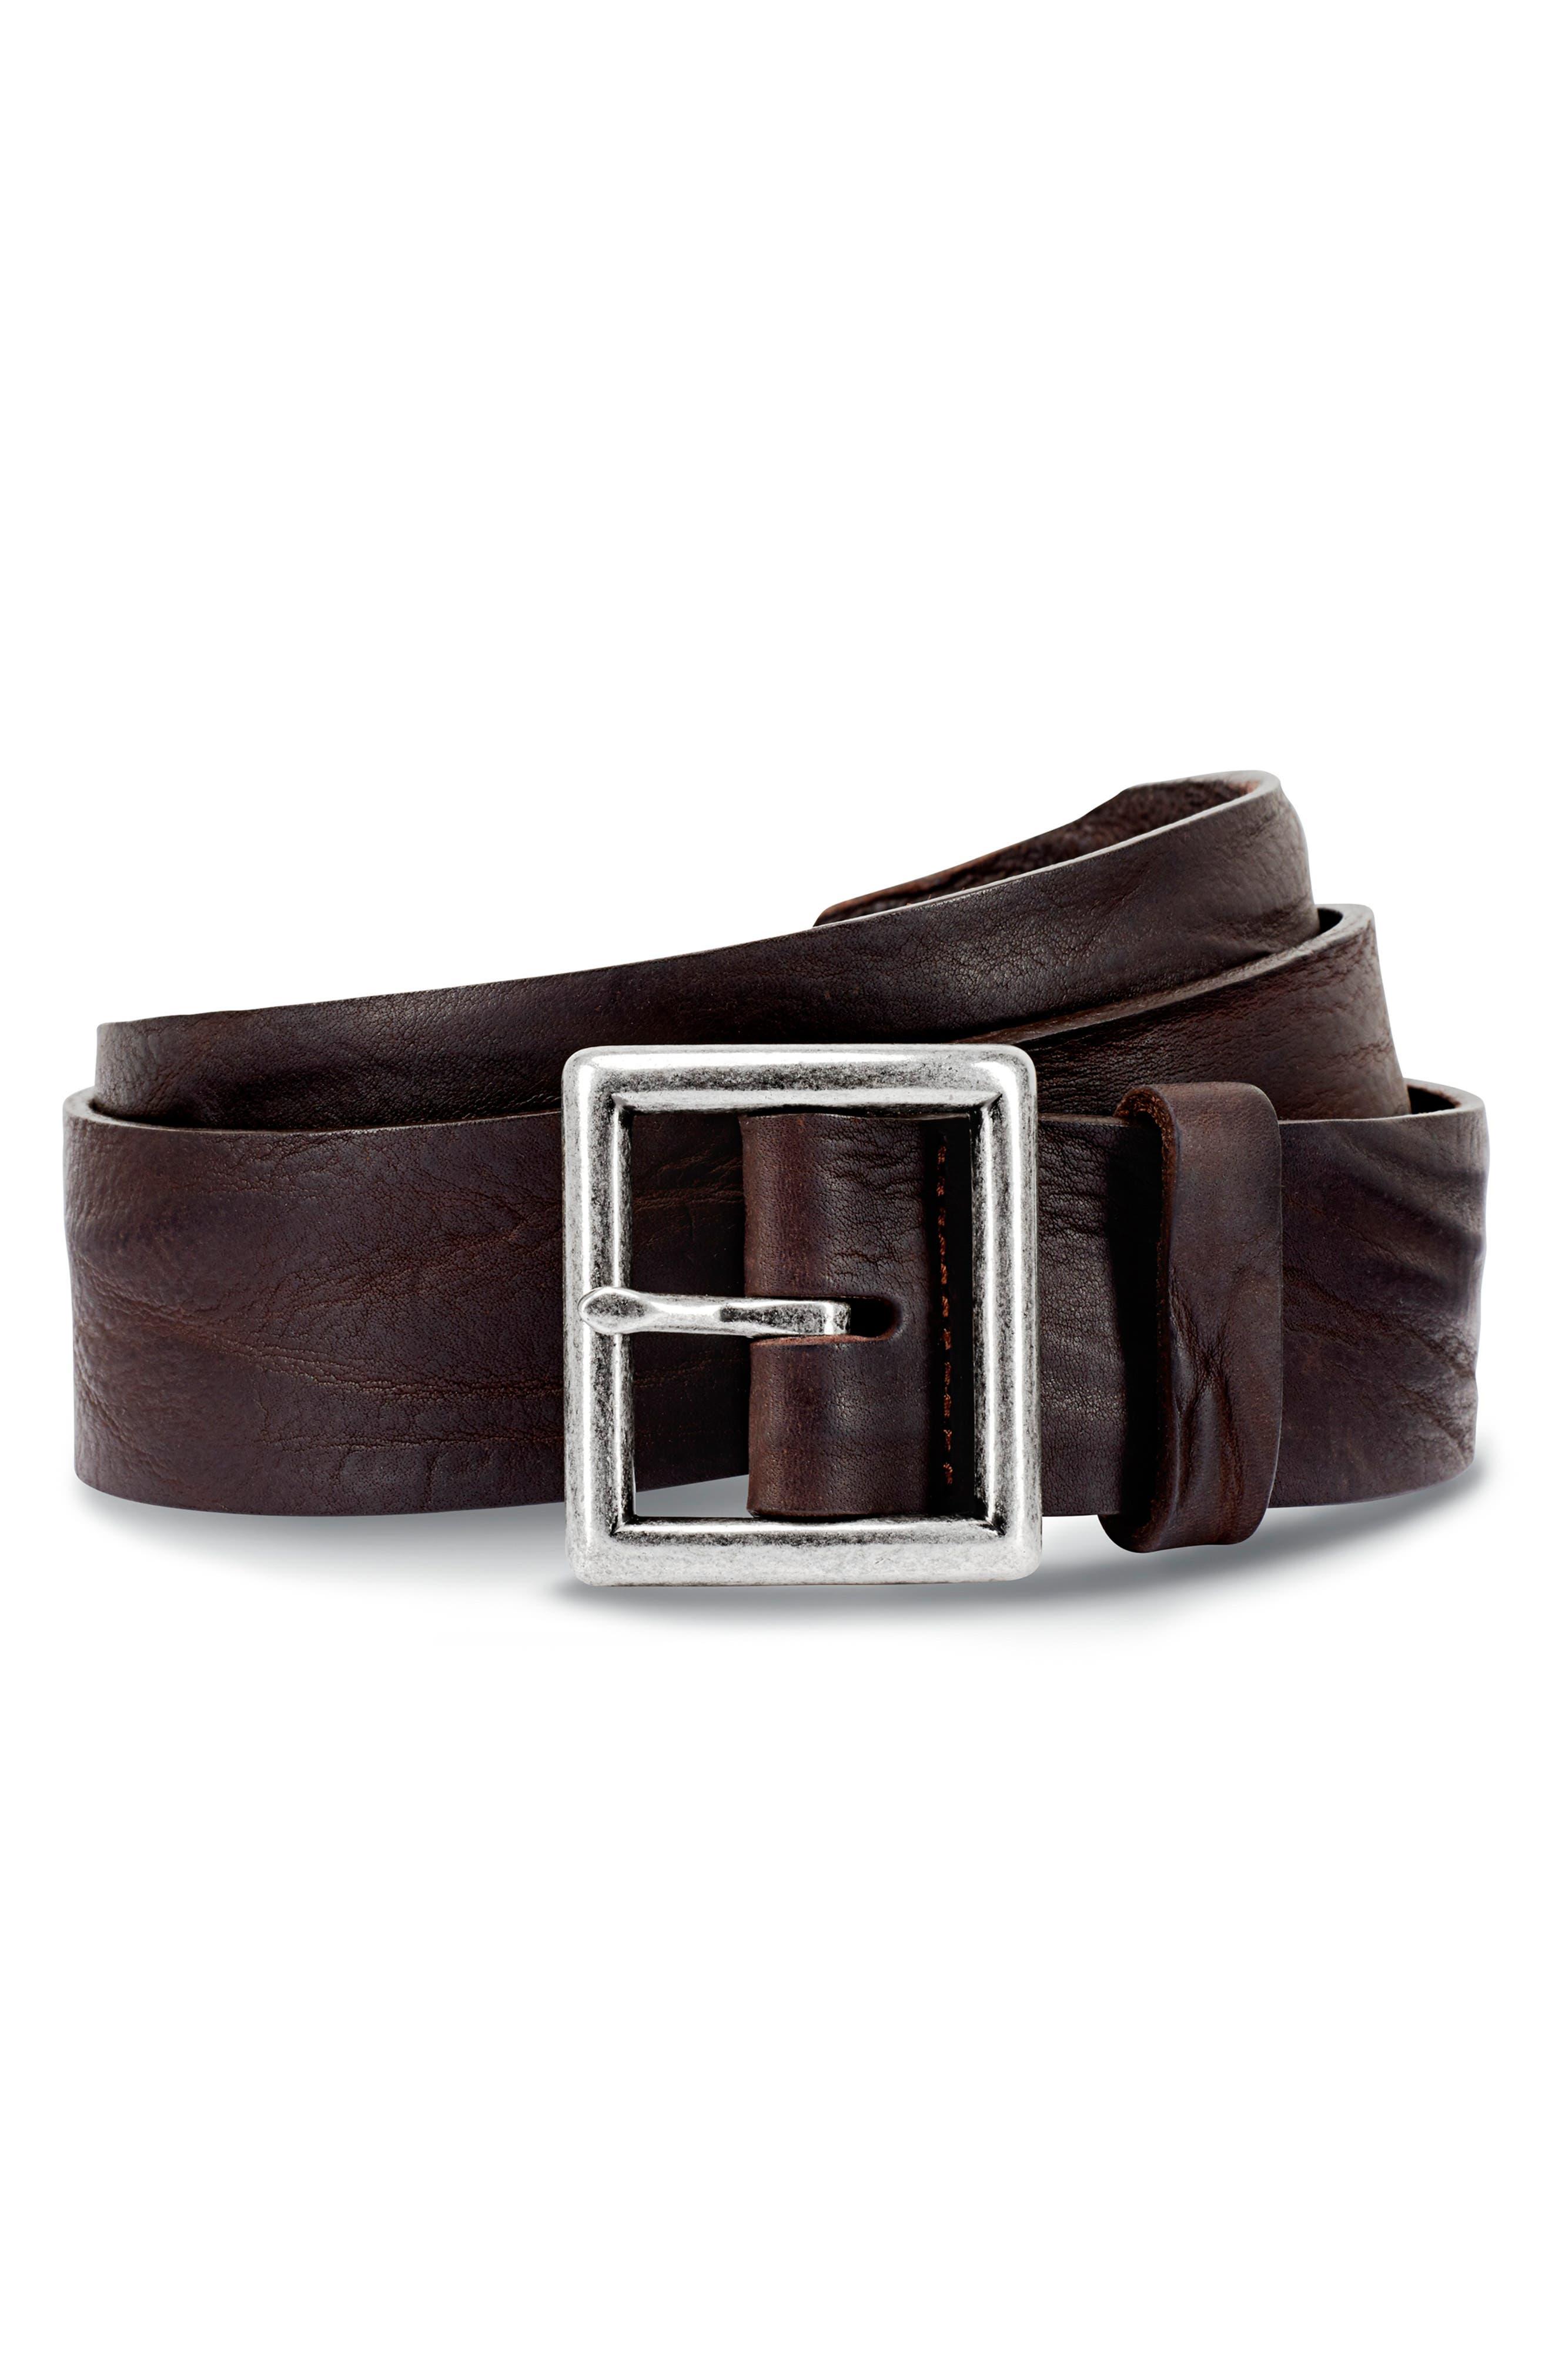 Allen Edmonds Radcliff Avenue Leather Belt, Dark Brown